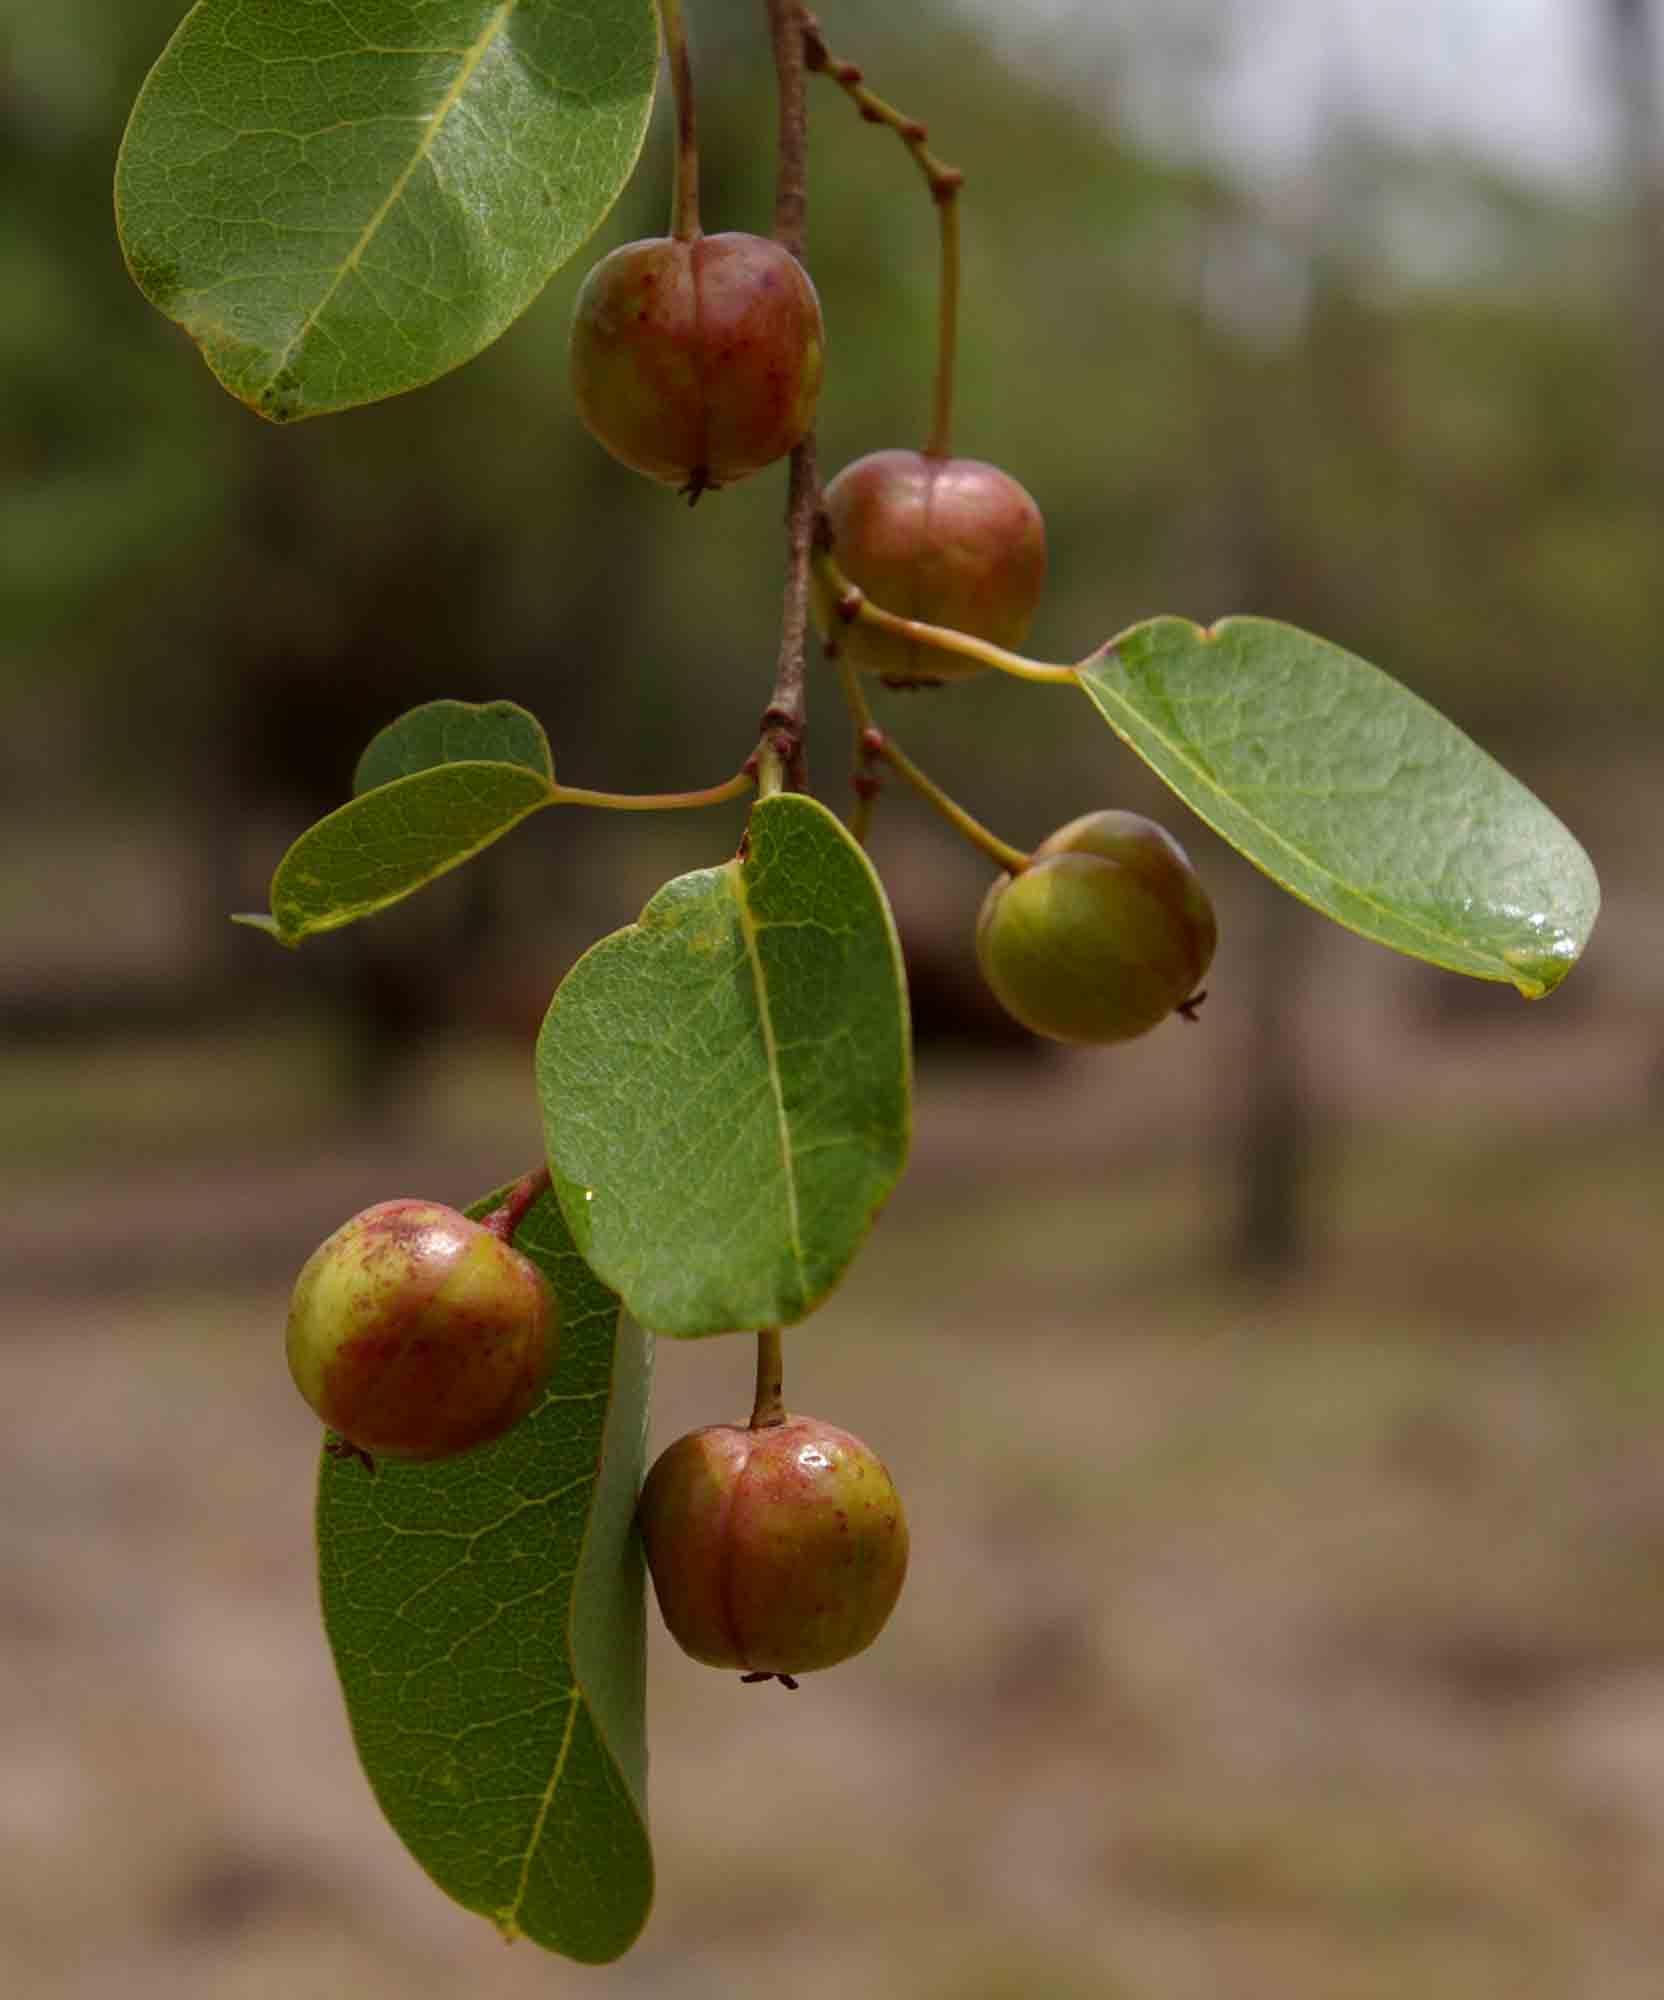 Maprounea africana